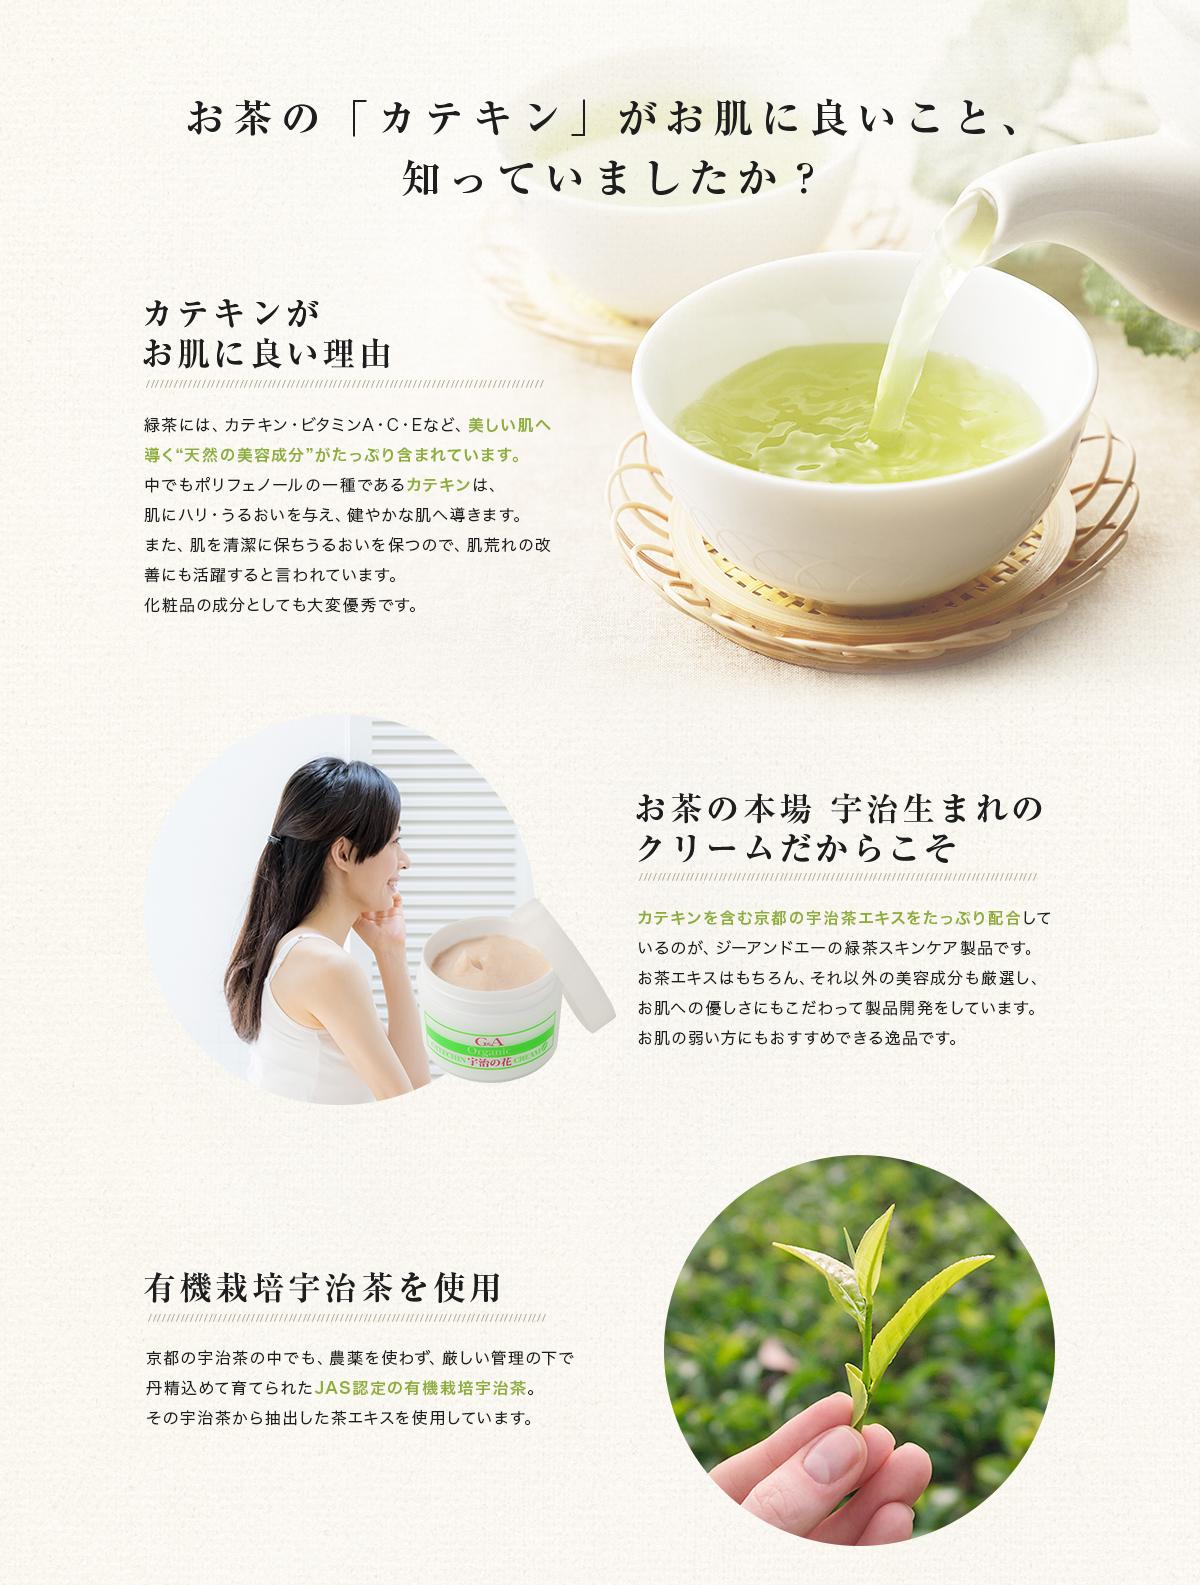 お茶のカテキンがお肌に良いこと  知っていましたか